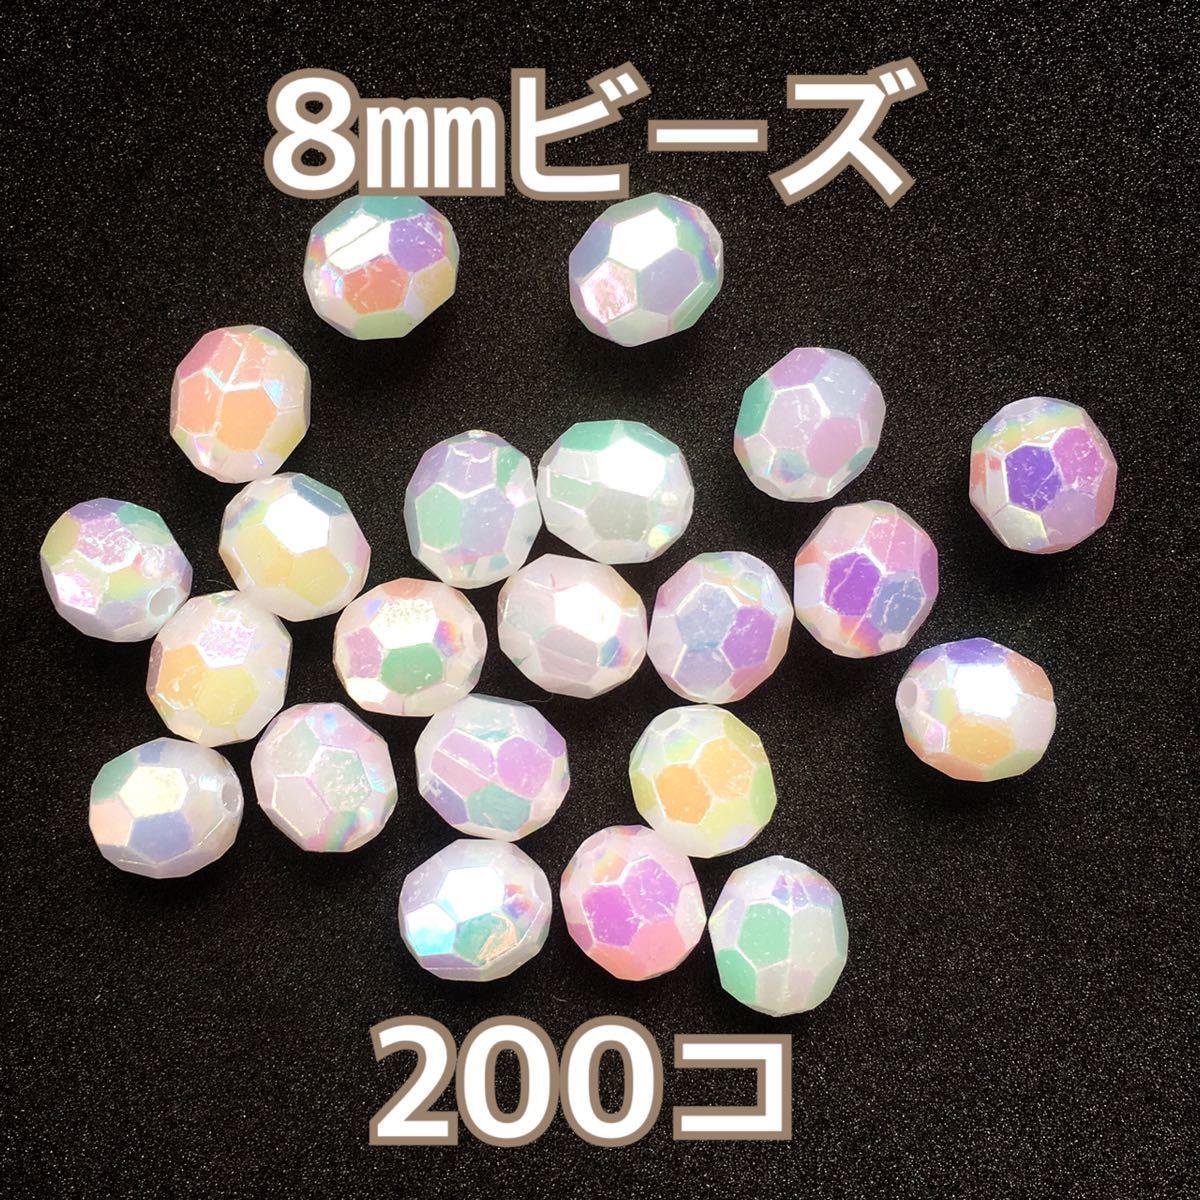 【ビーズパーツ】8mmオーロラカラーアクリルビーズ (ホワイト)200コ